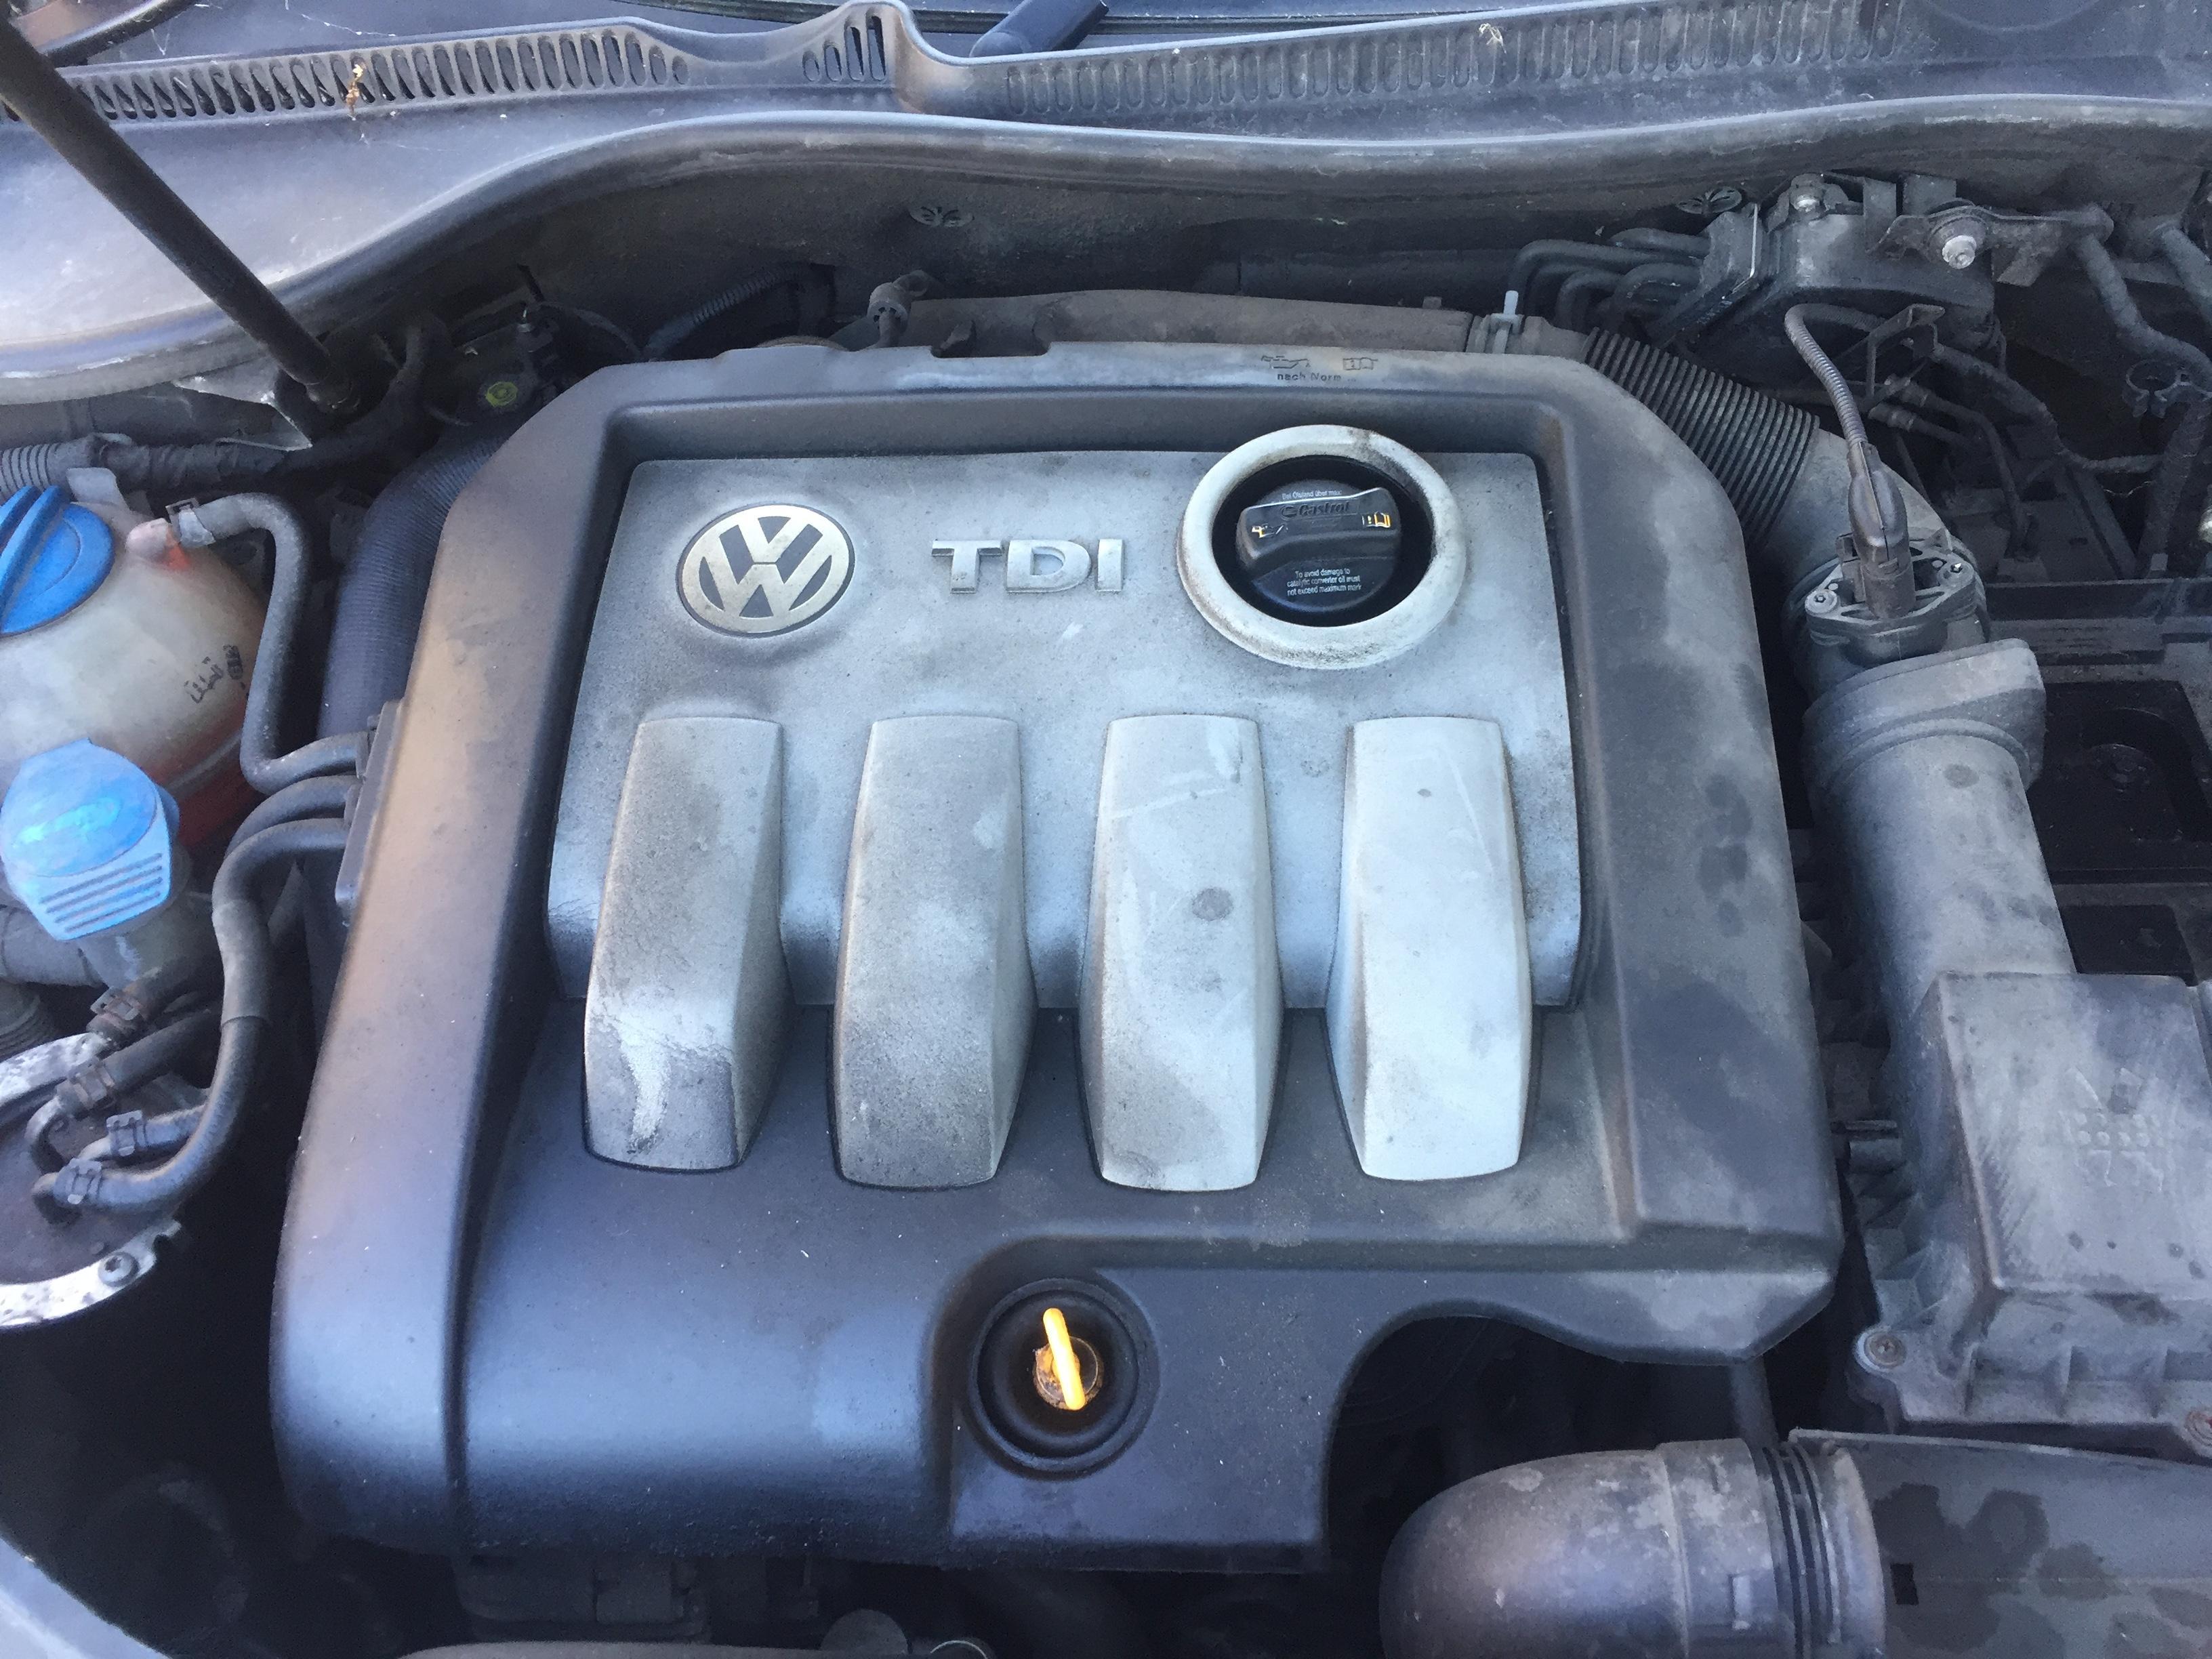 Used Car Parts Foto 4 Volkswagen GOLF 2007 1.9 Mechanical Hatchback 4/5 d. Black 2017-8-31 A3437